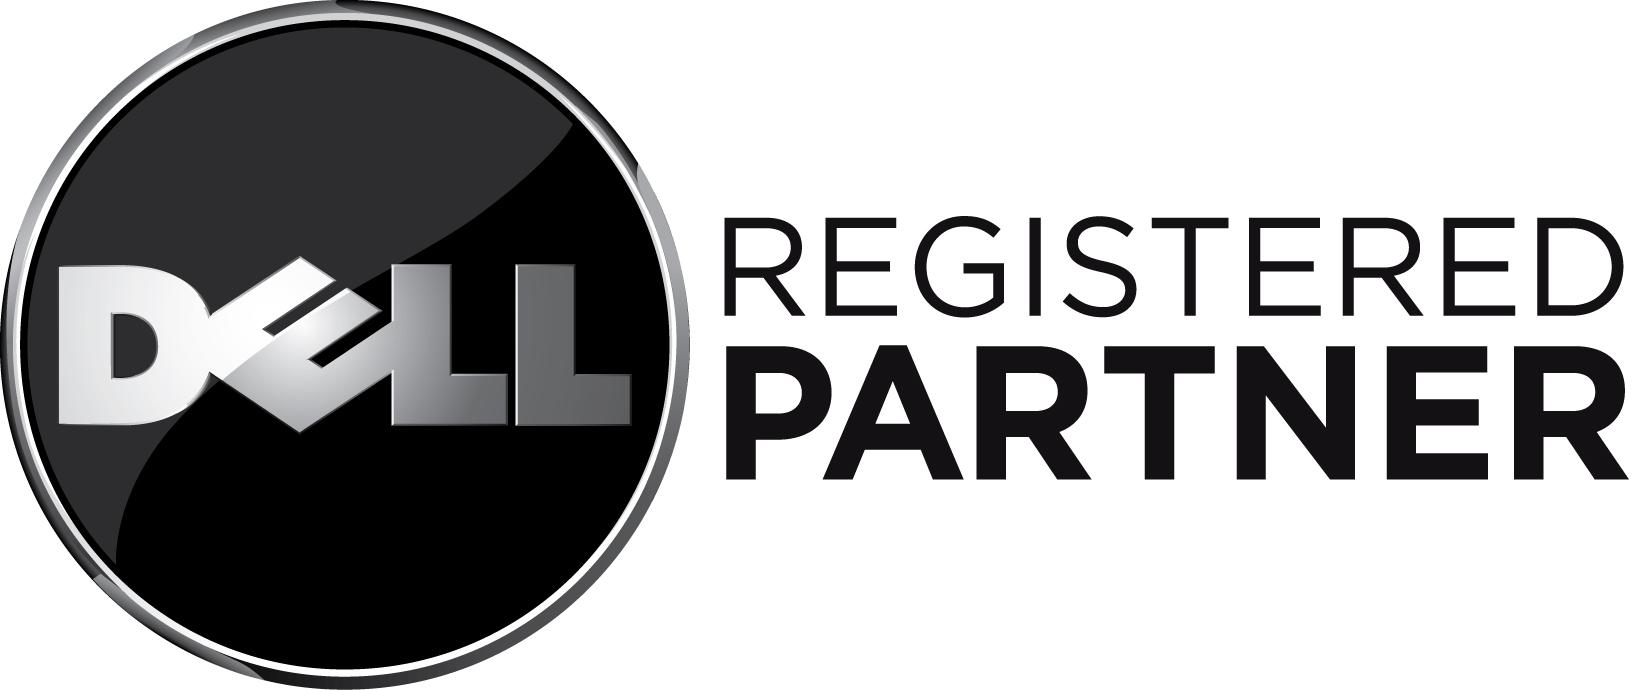 Dell-Registered-Partner-logo.jpg